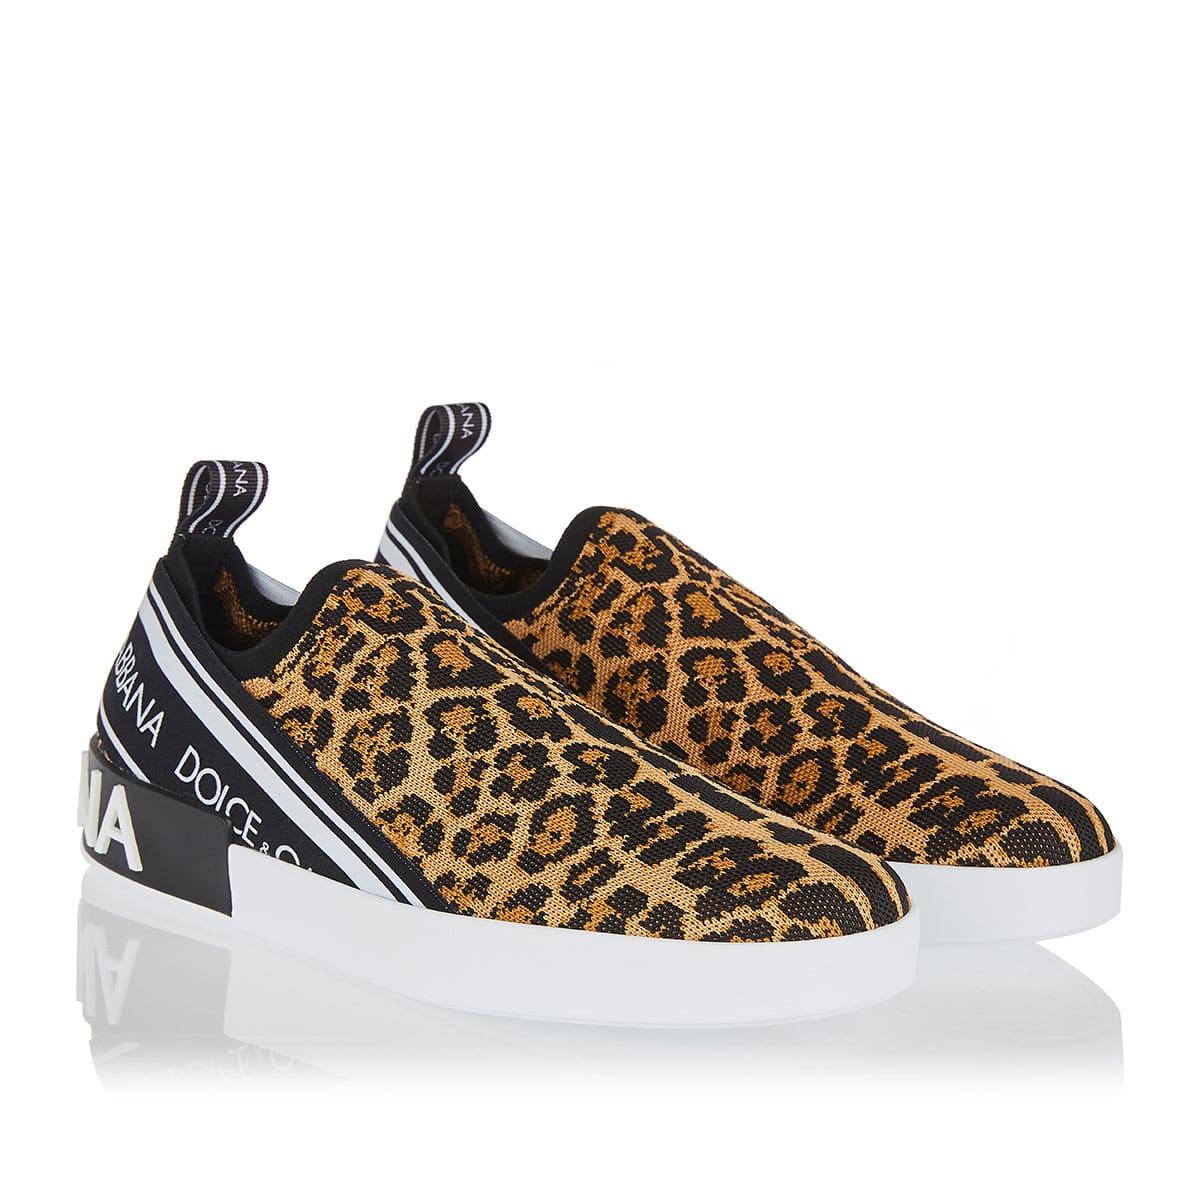 Portofino leopard printed sneakers